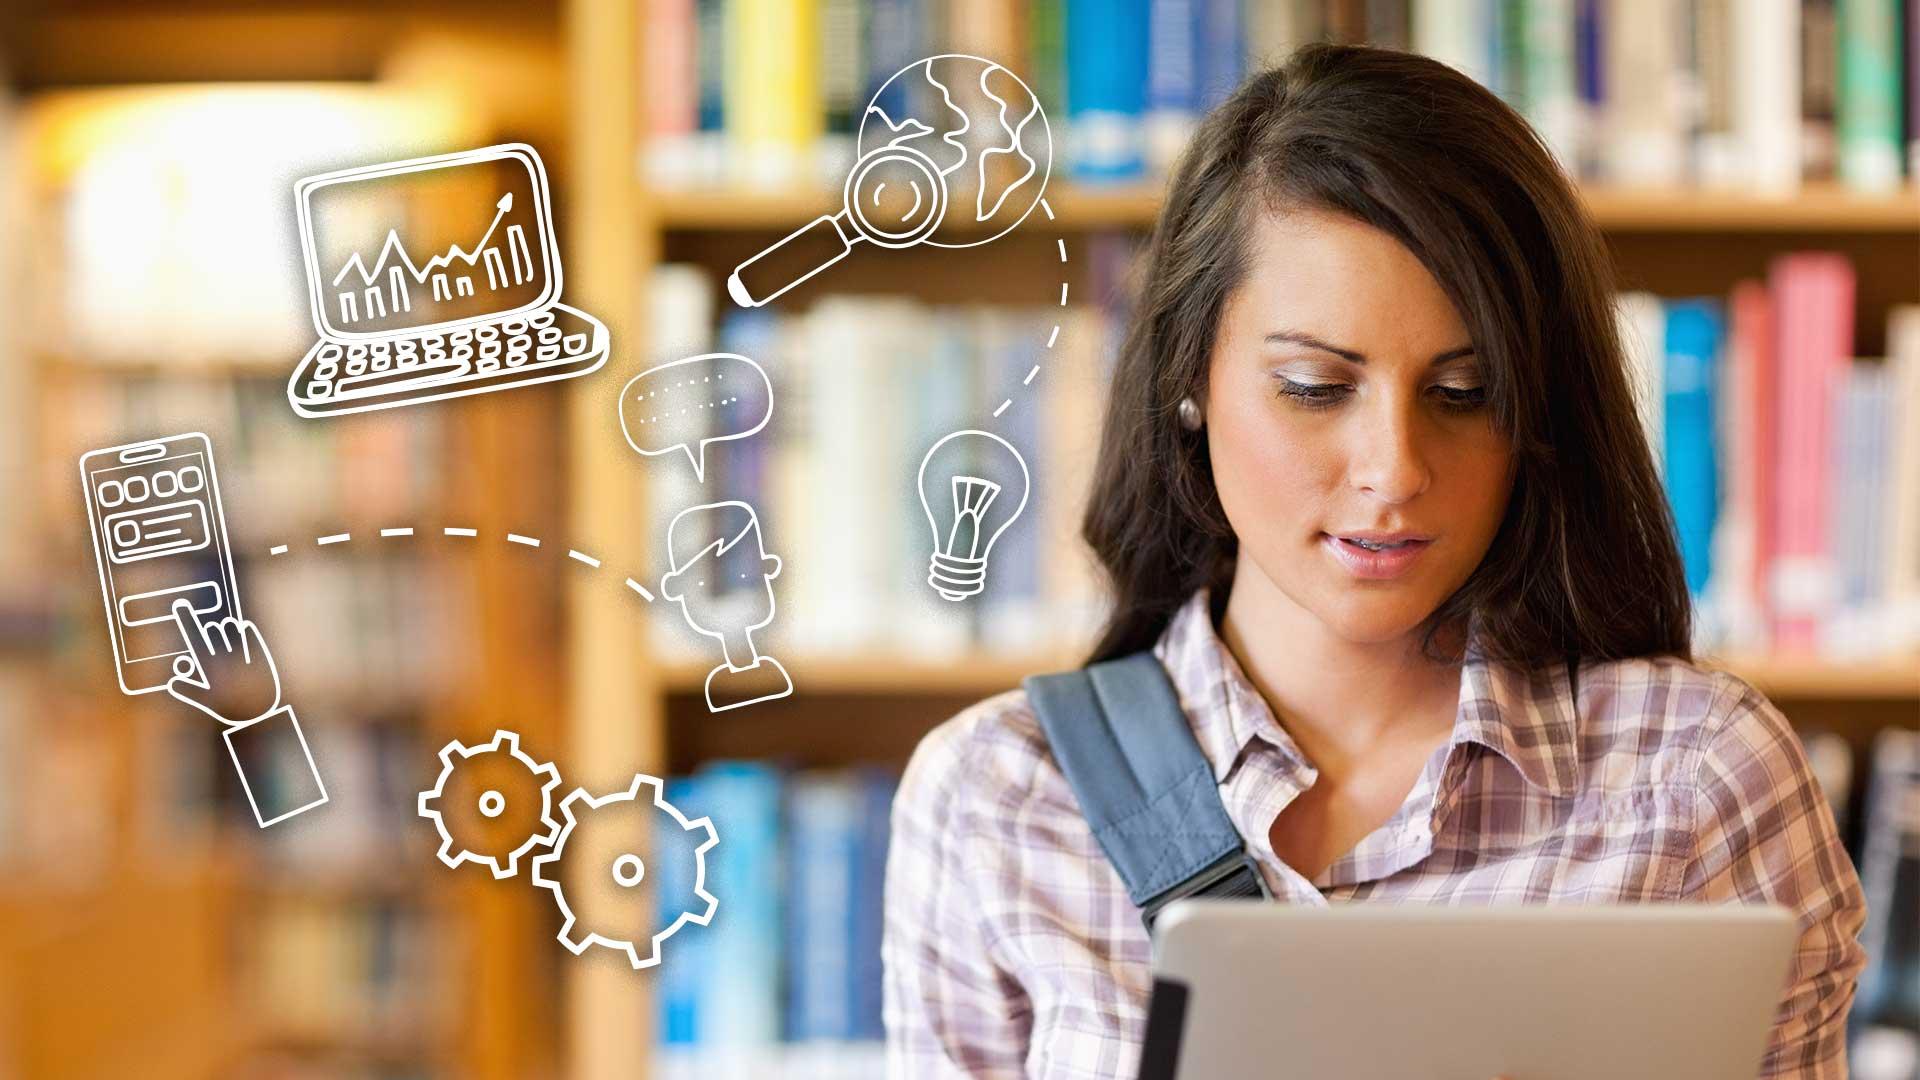 Tecnología y educación: Heramienta sustentable